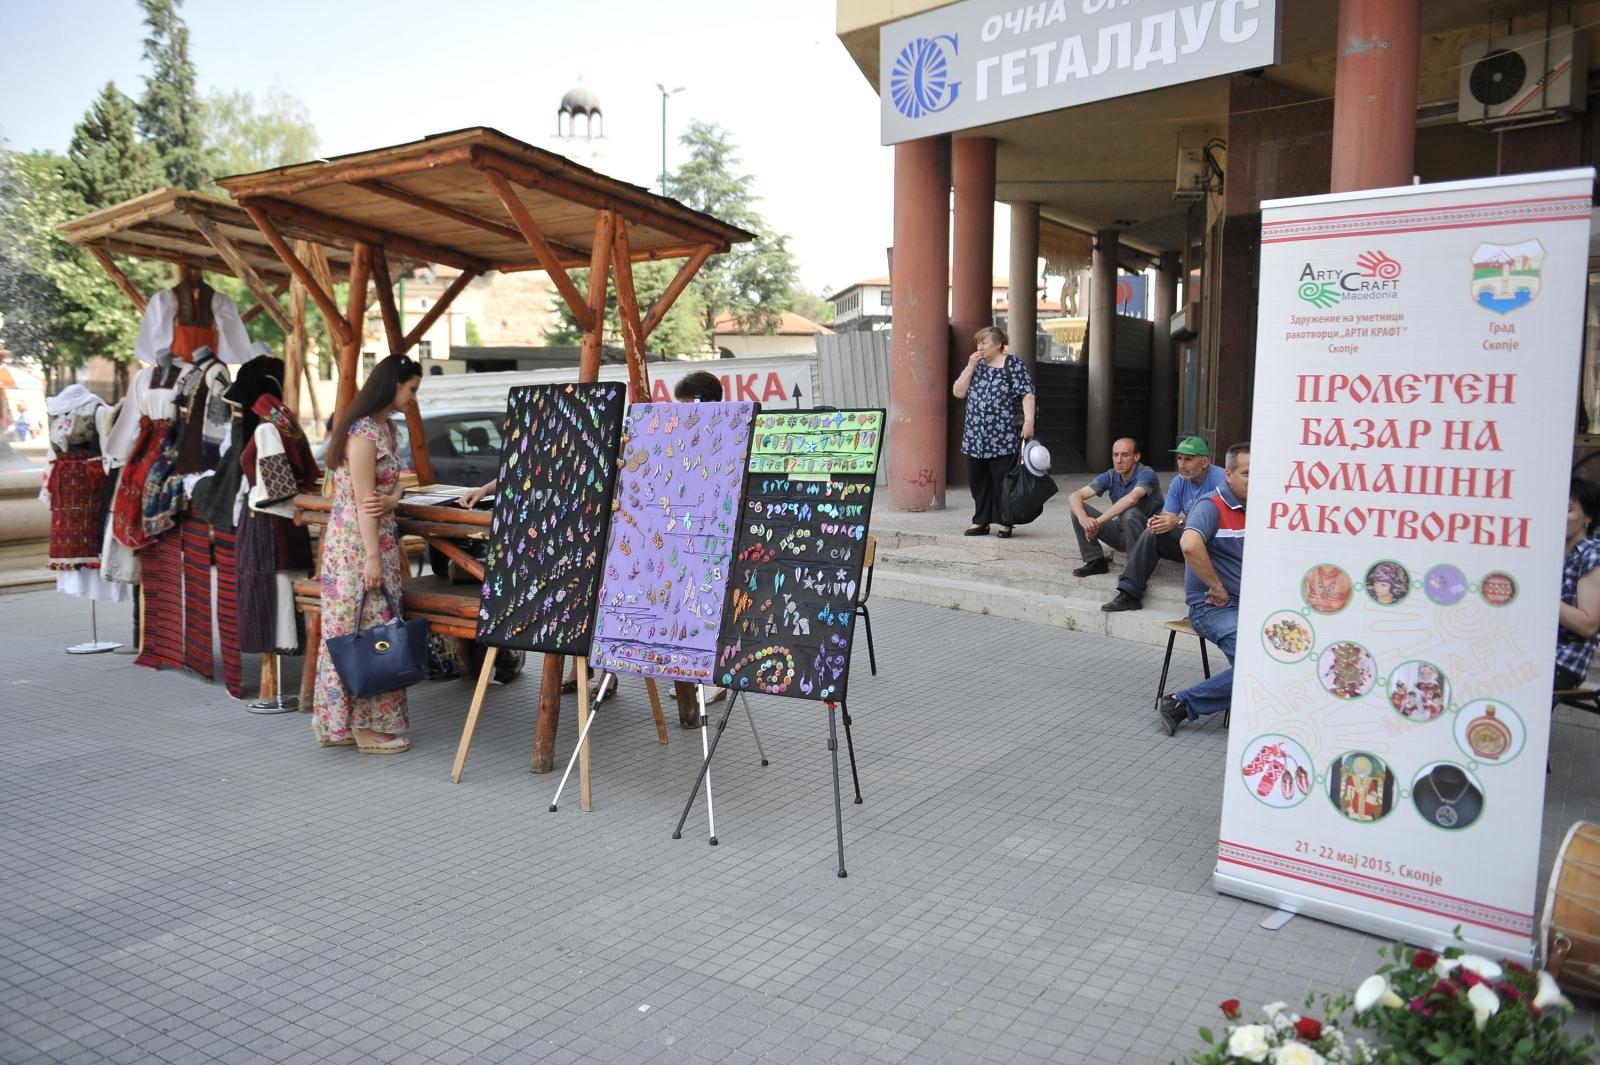 На плоштадот  Филип Втори   Пролетен базар на домашни ракотворби